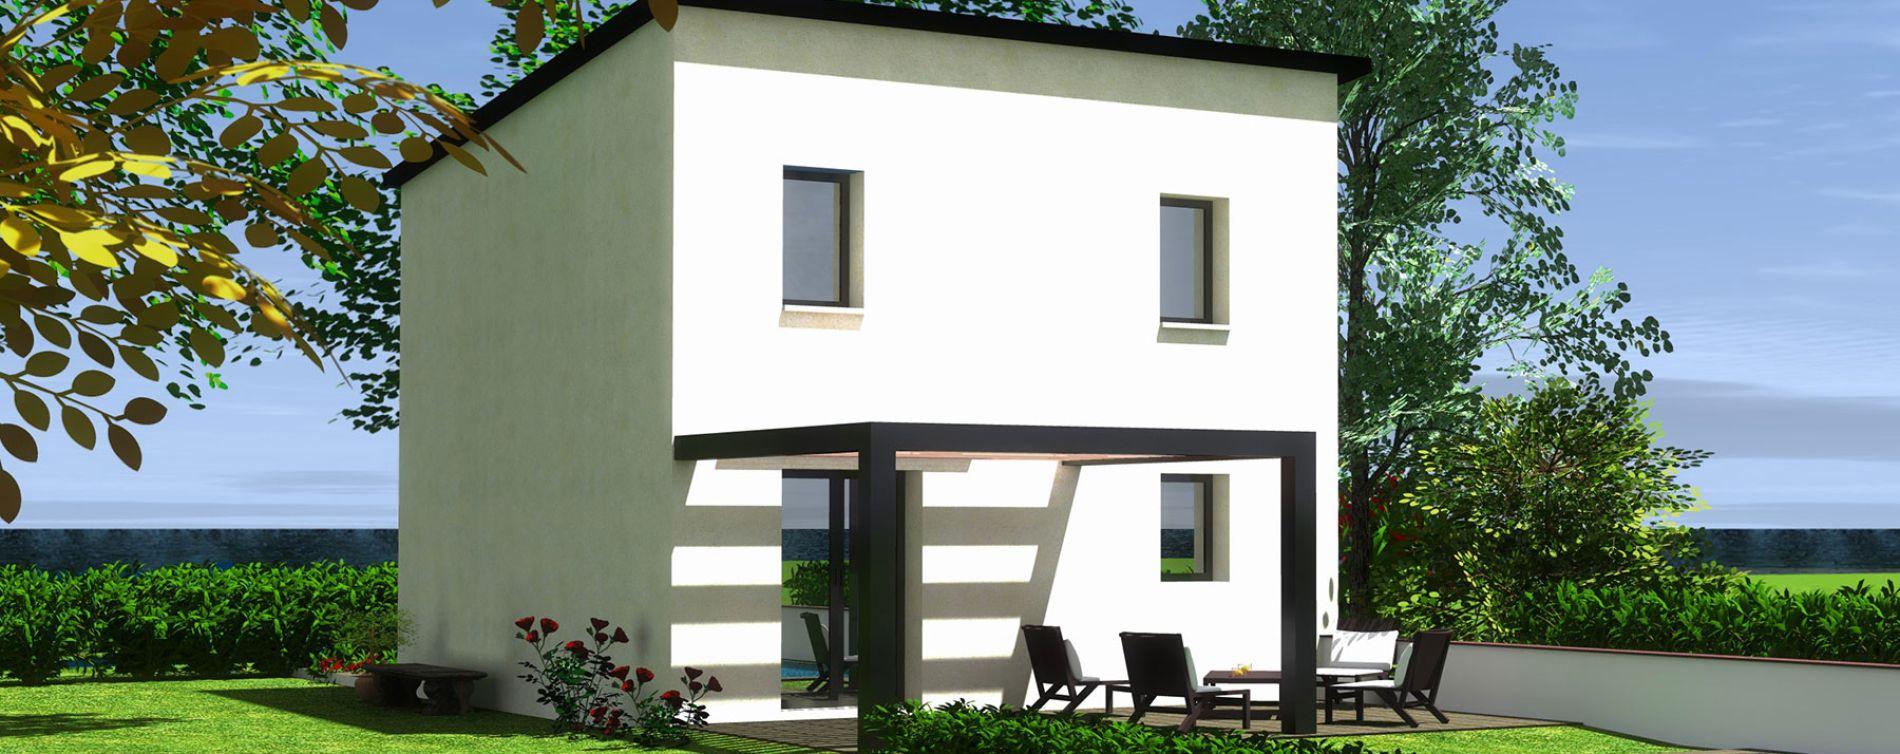 Lesneven : programme immobilier neuve « Cleusmeur » (3)